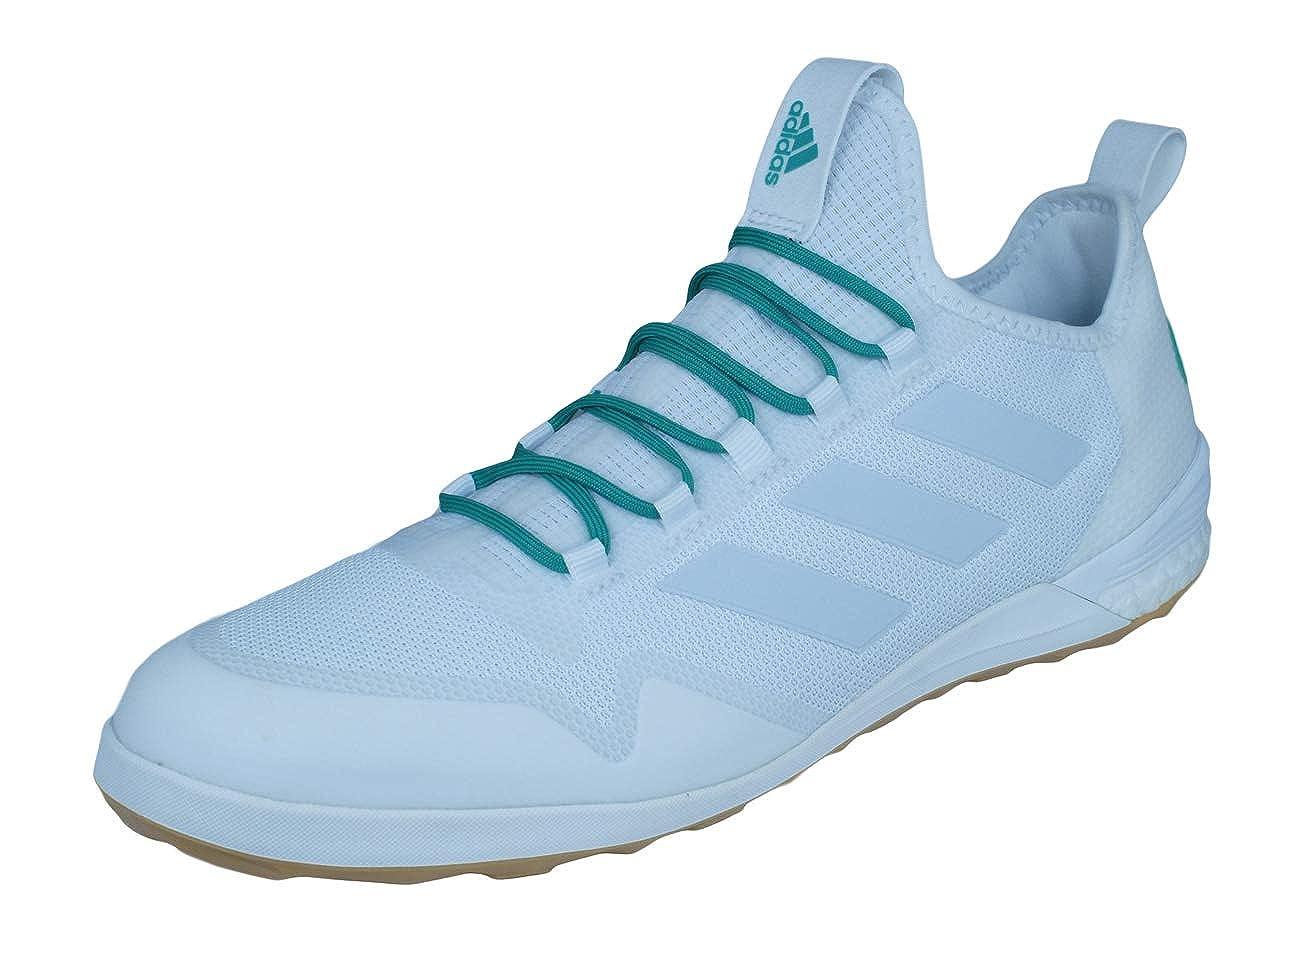 Adidas Herren Ace Tango 17.1 in für Fußballtrainingsschuhe, Elfenbein (Ftwbla Gritra Verbas), 42 EU